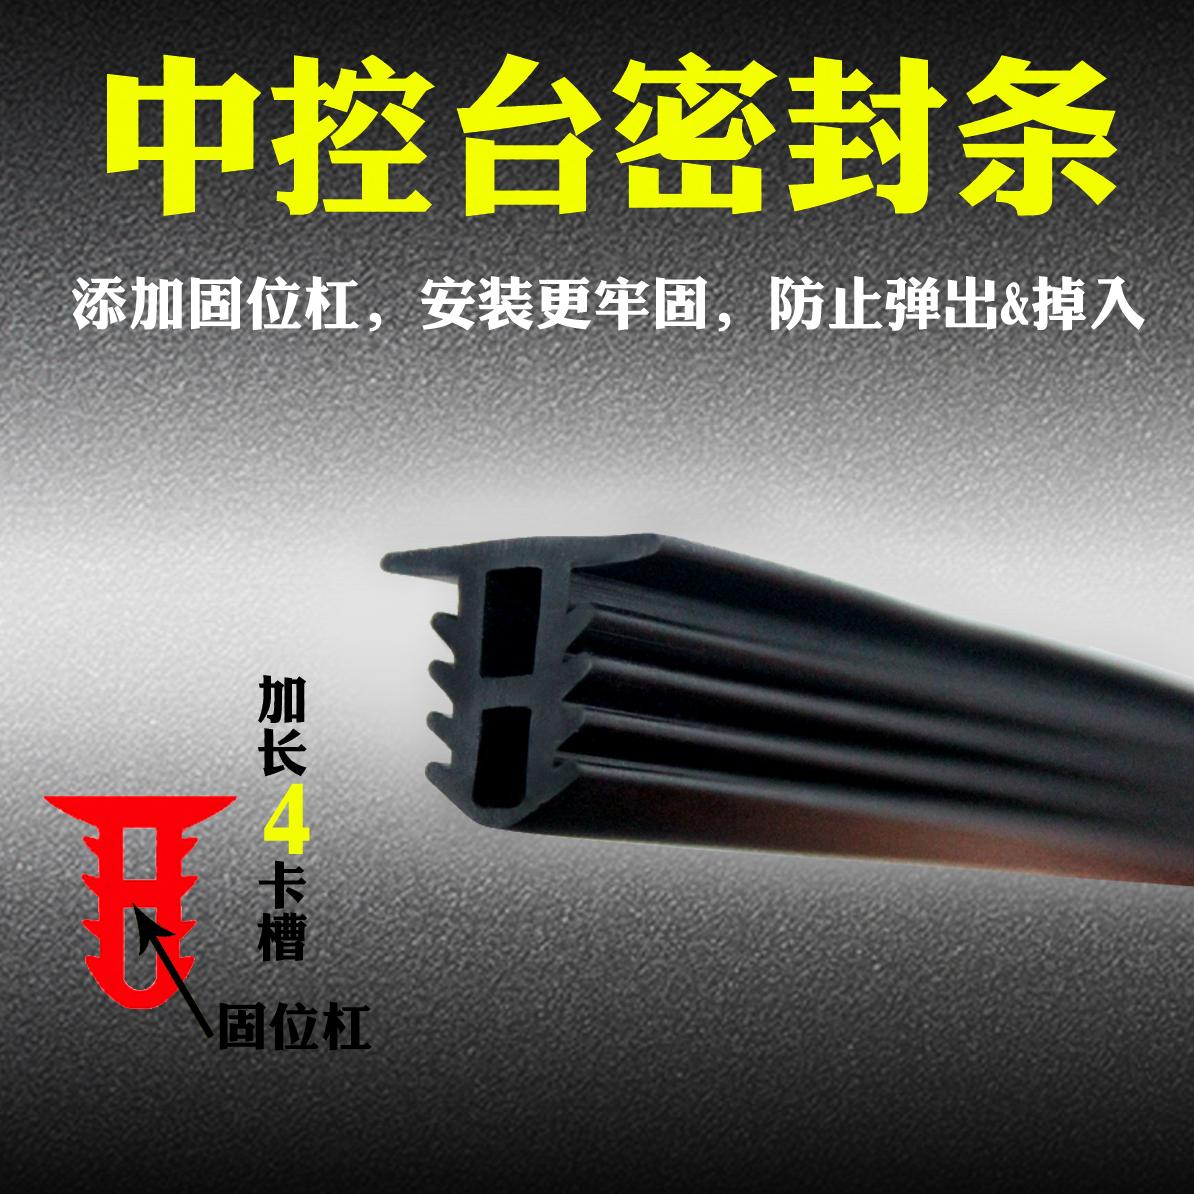 Новая коллекция Автомобильная центральная консоль приборная панель шумоподавление шумоизоляция полосатый Пылезащитный клей переднего лобового стекла полосатый